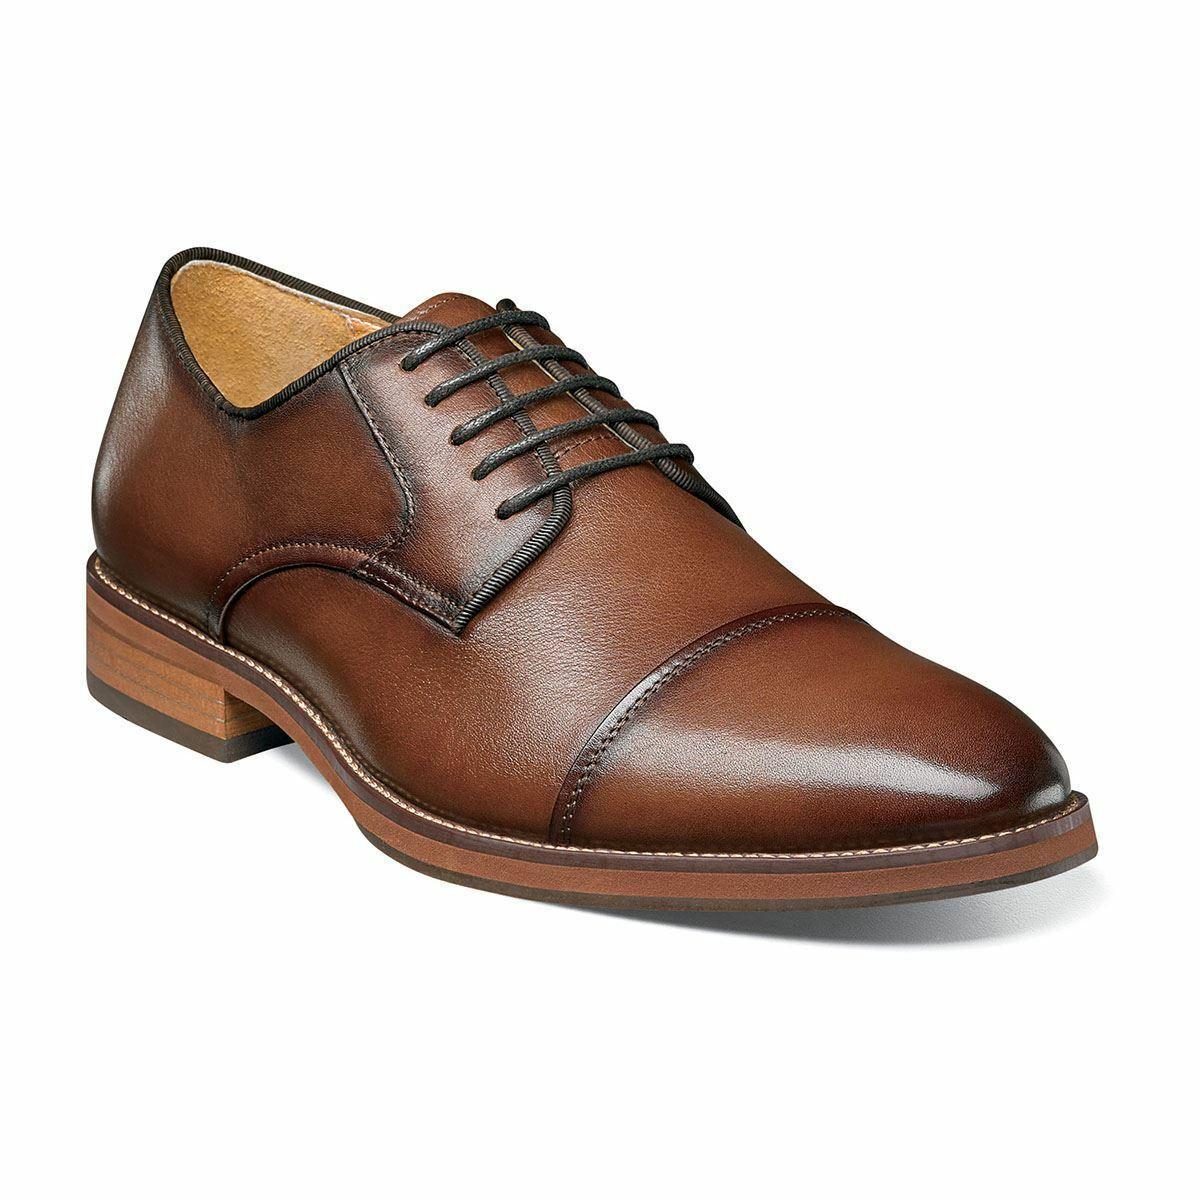 Florsheim Hombre Blaze Gorra Punta Oxford Coñac Zapatos 14199-221